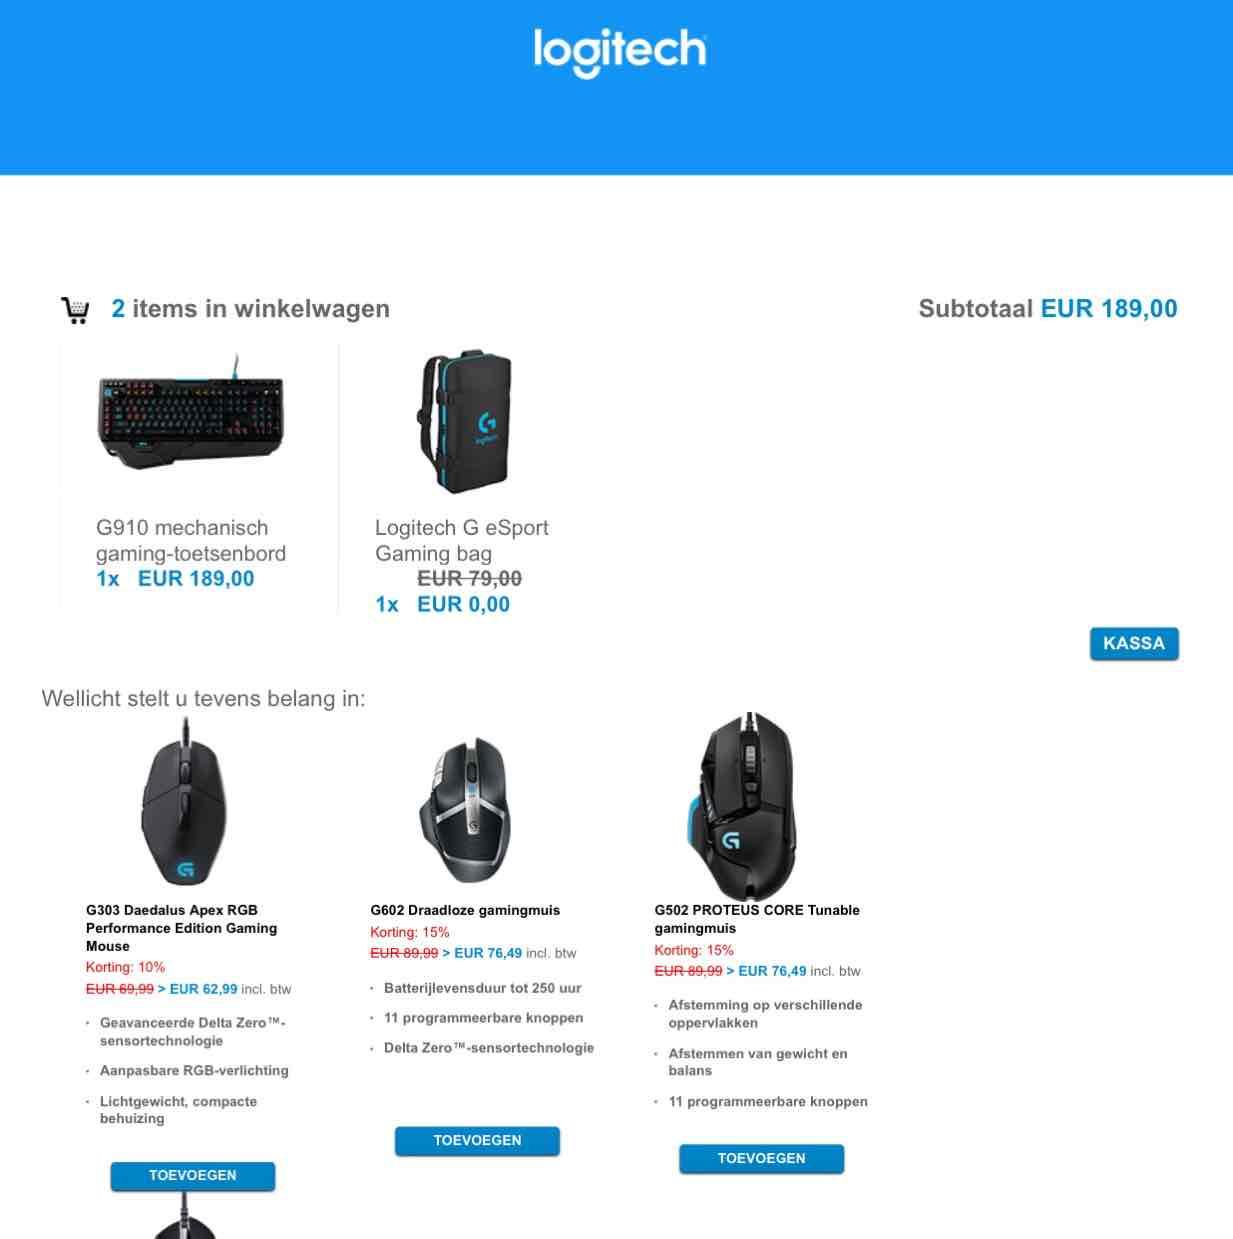 Gratis Logitech G eSport gaming bag bij aanschaf van een gaming toetsenbord(G910 of G410)